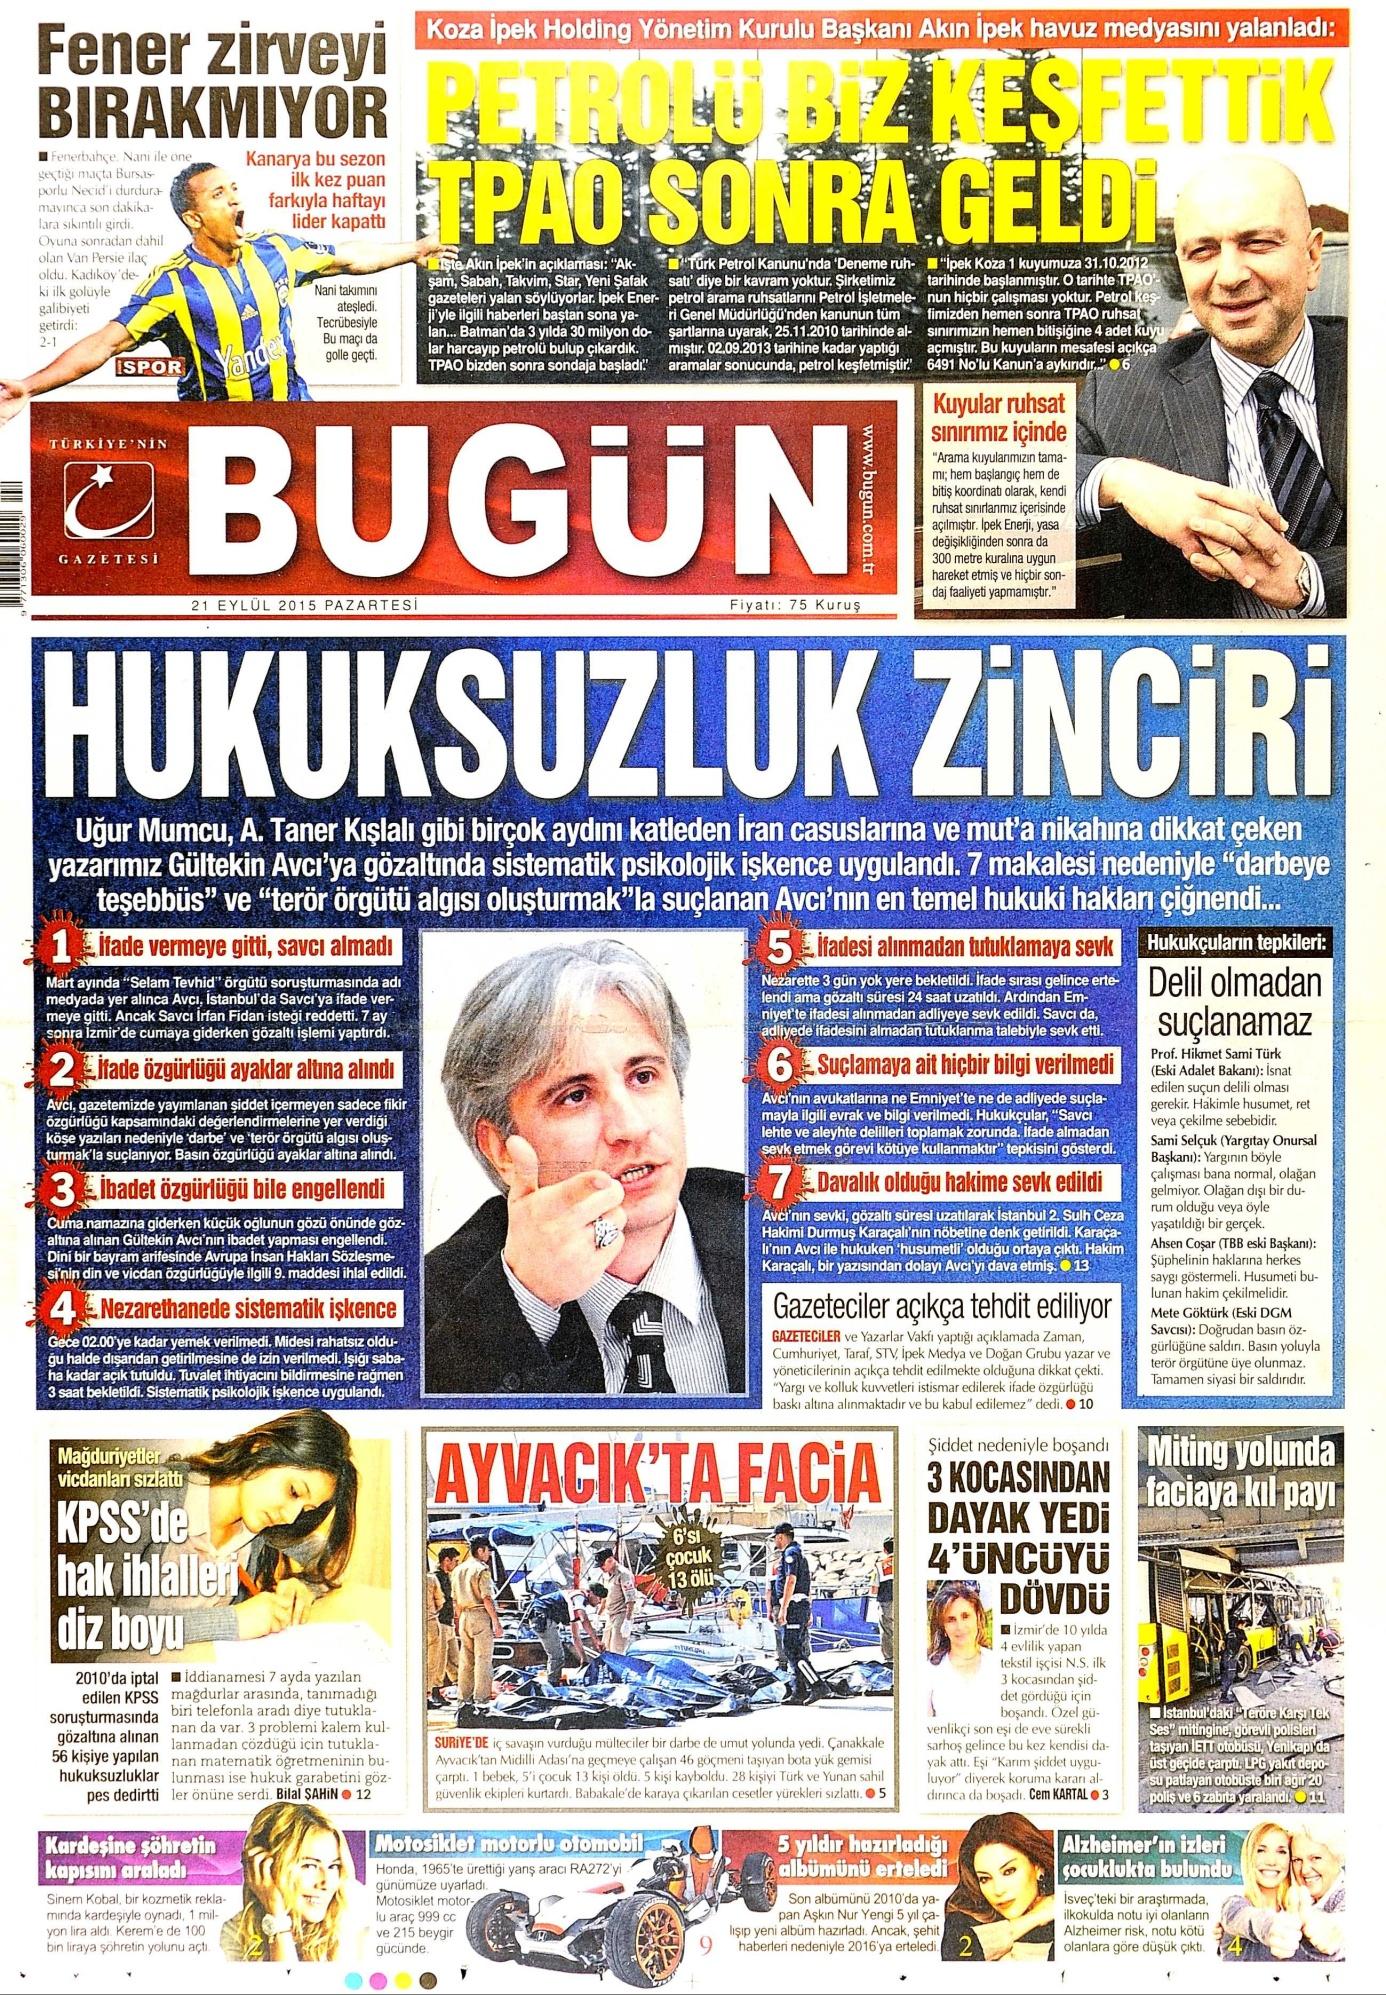 bugun_gazetesi-002.jpg